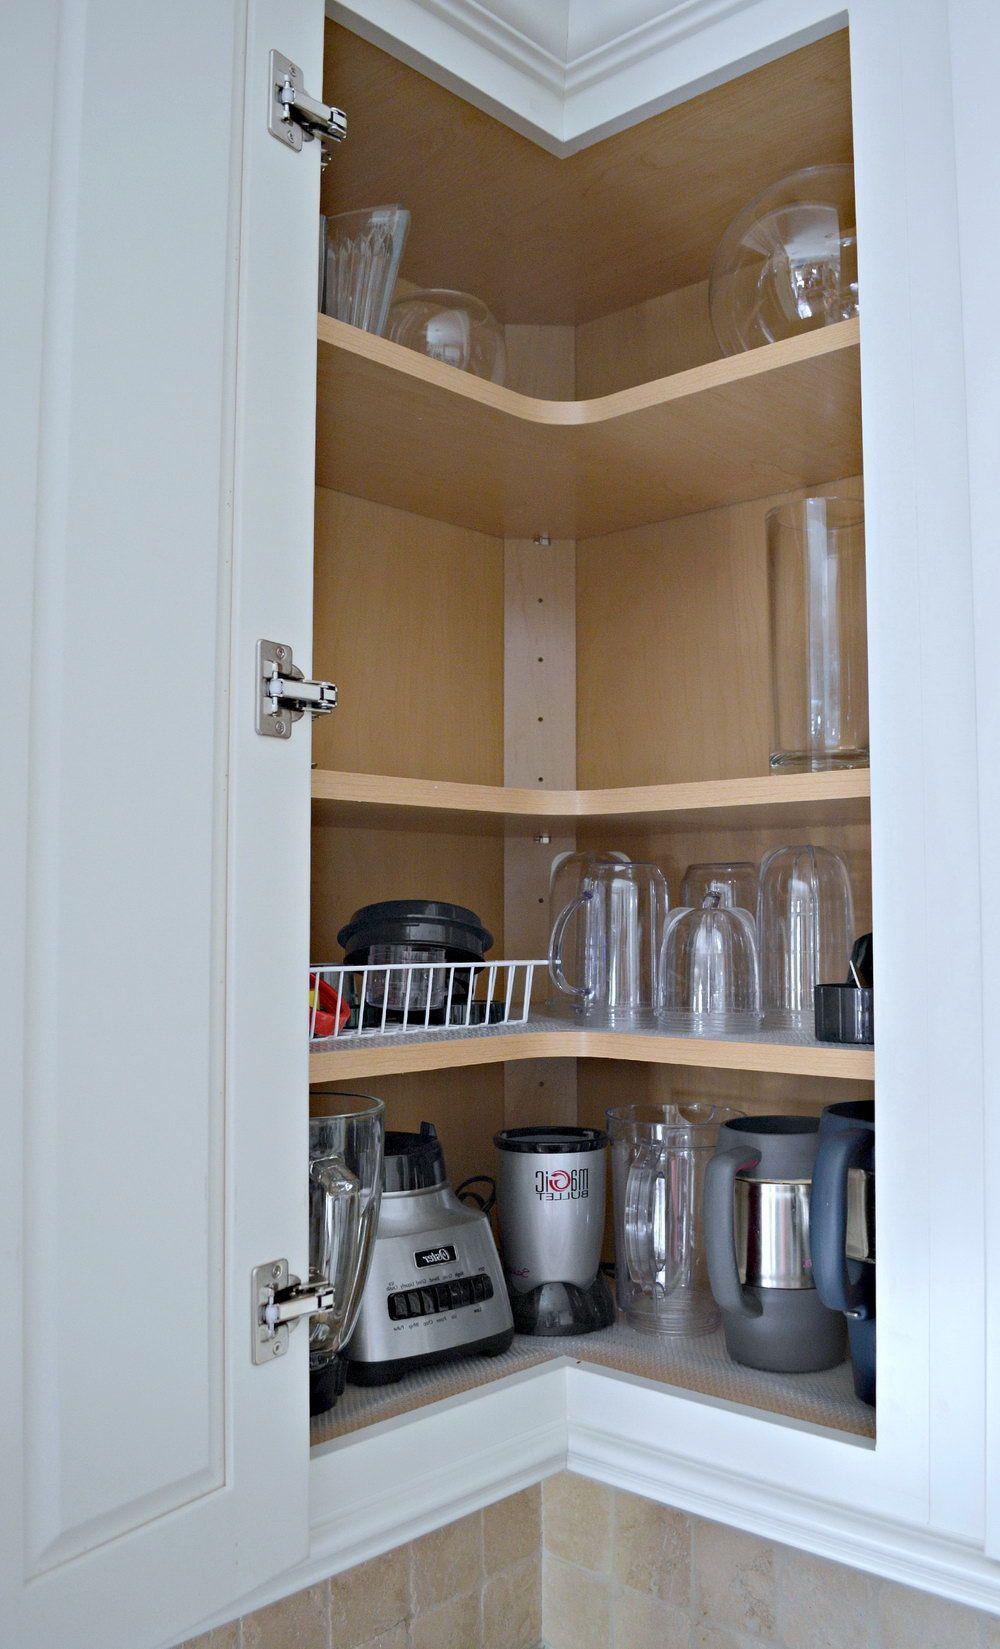 kitchen cabinet organizers home design ideas  Upper kitchen